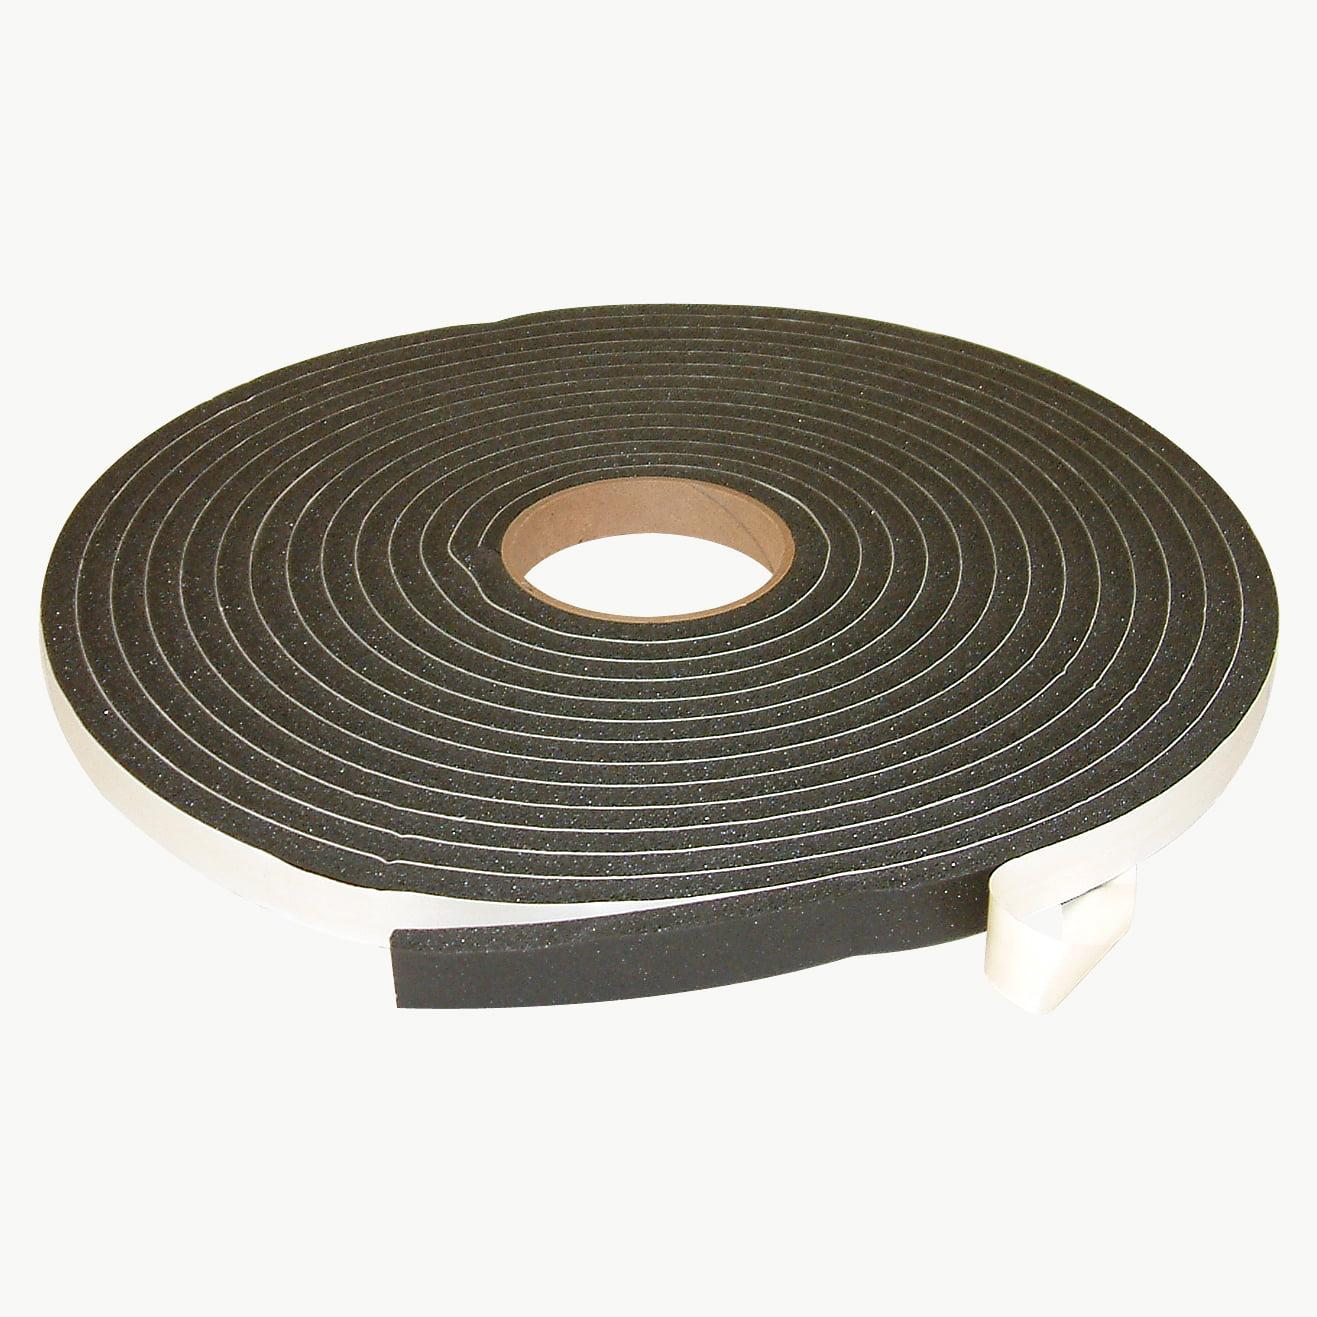 JVCC SCF-01 Single Coated PVC Foam Tape: 3/8 in. thick x 3/4 in. x 30 ft. (Black)